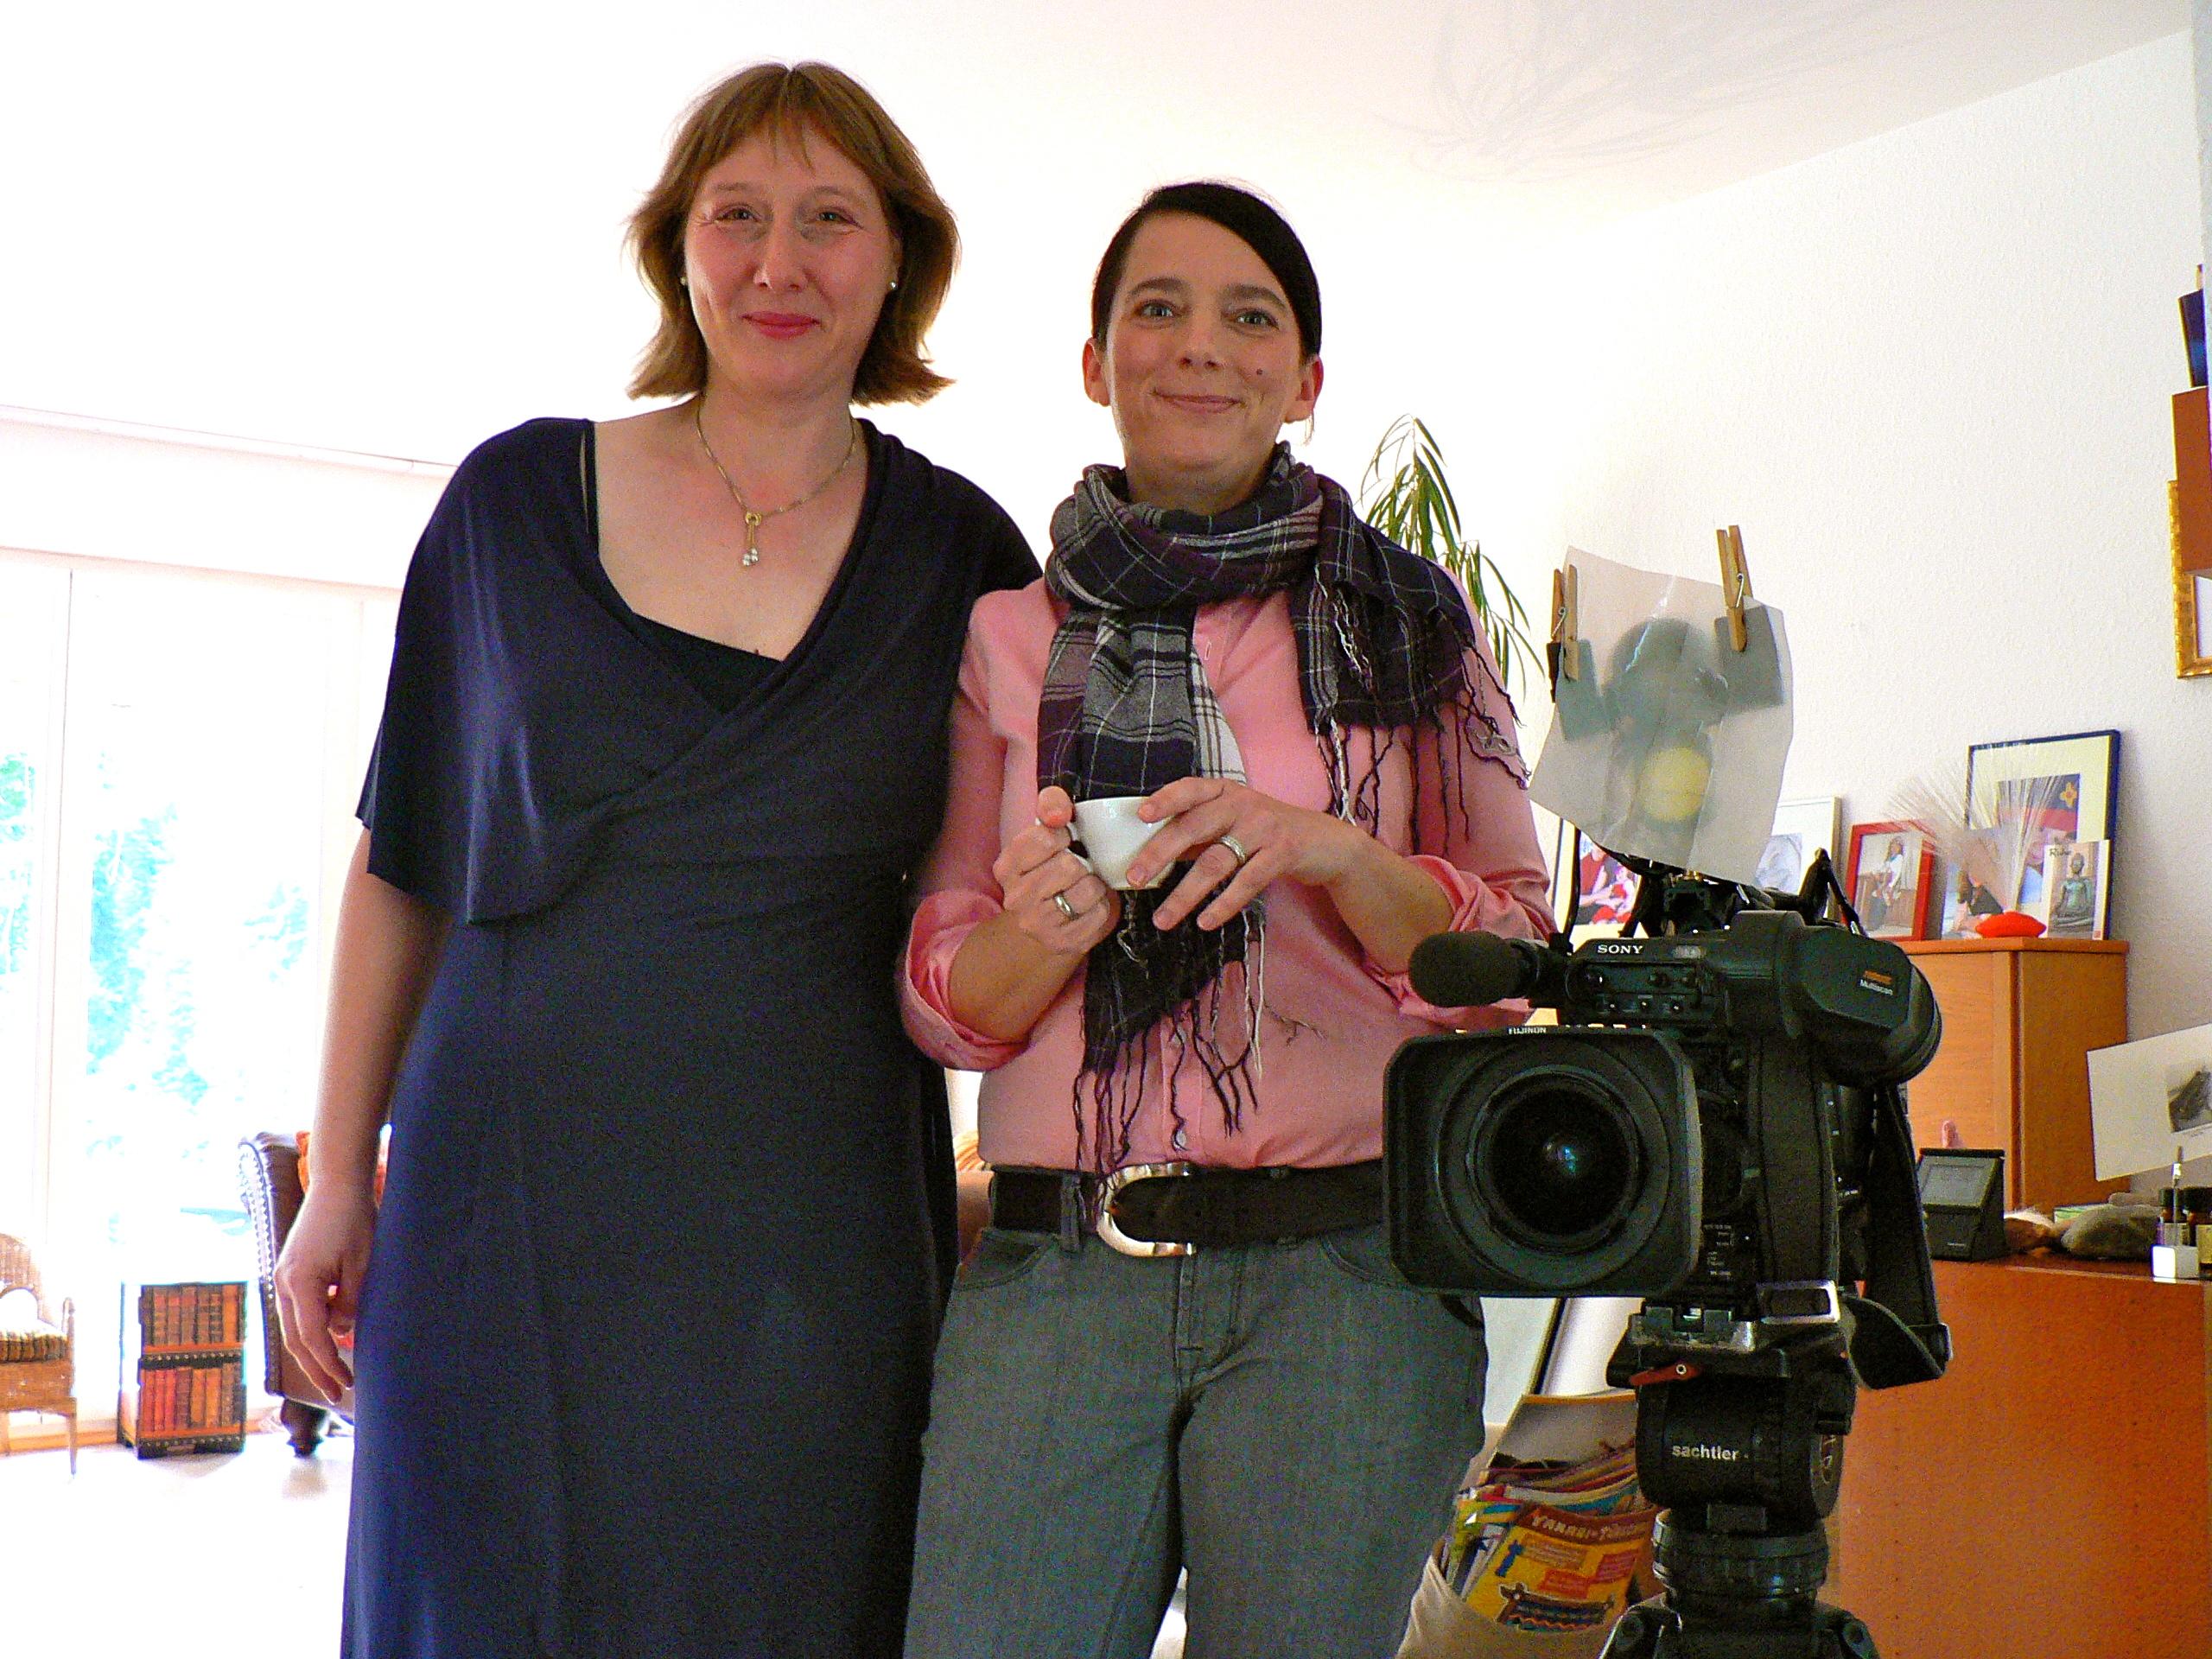 Foto vom Buch-Trailer-Dreh